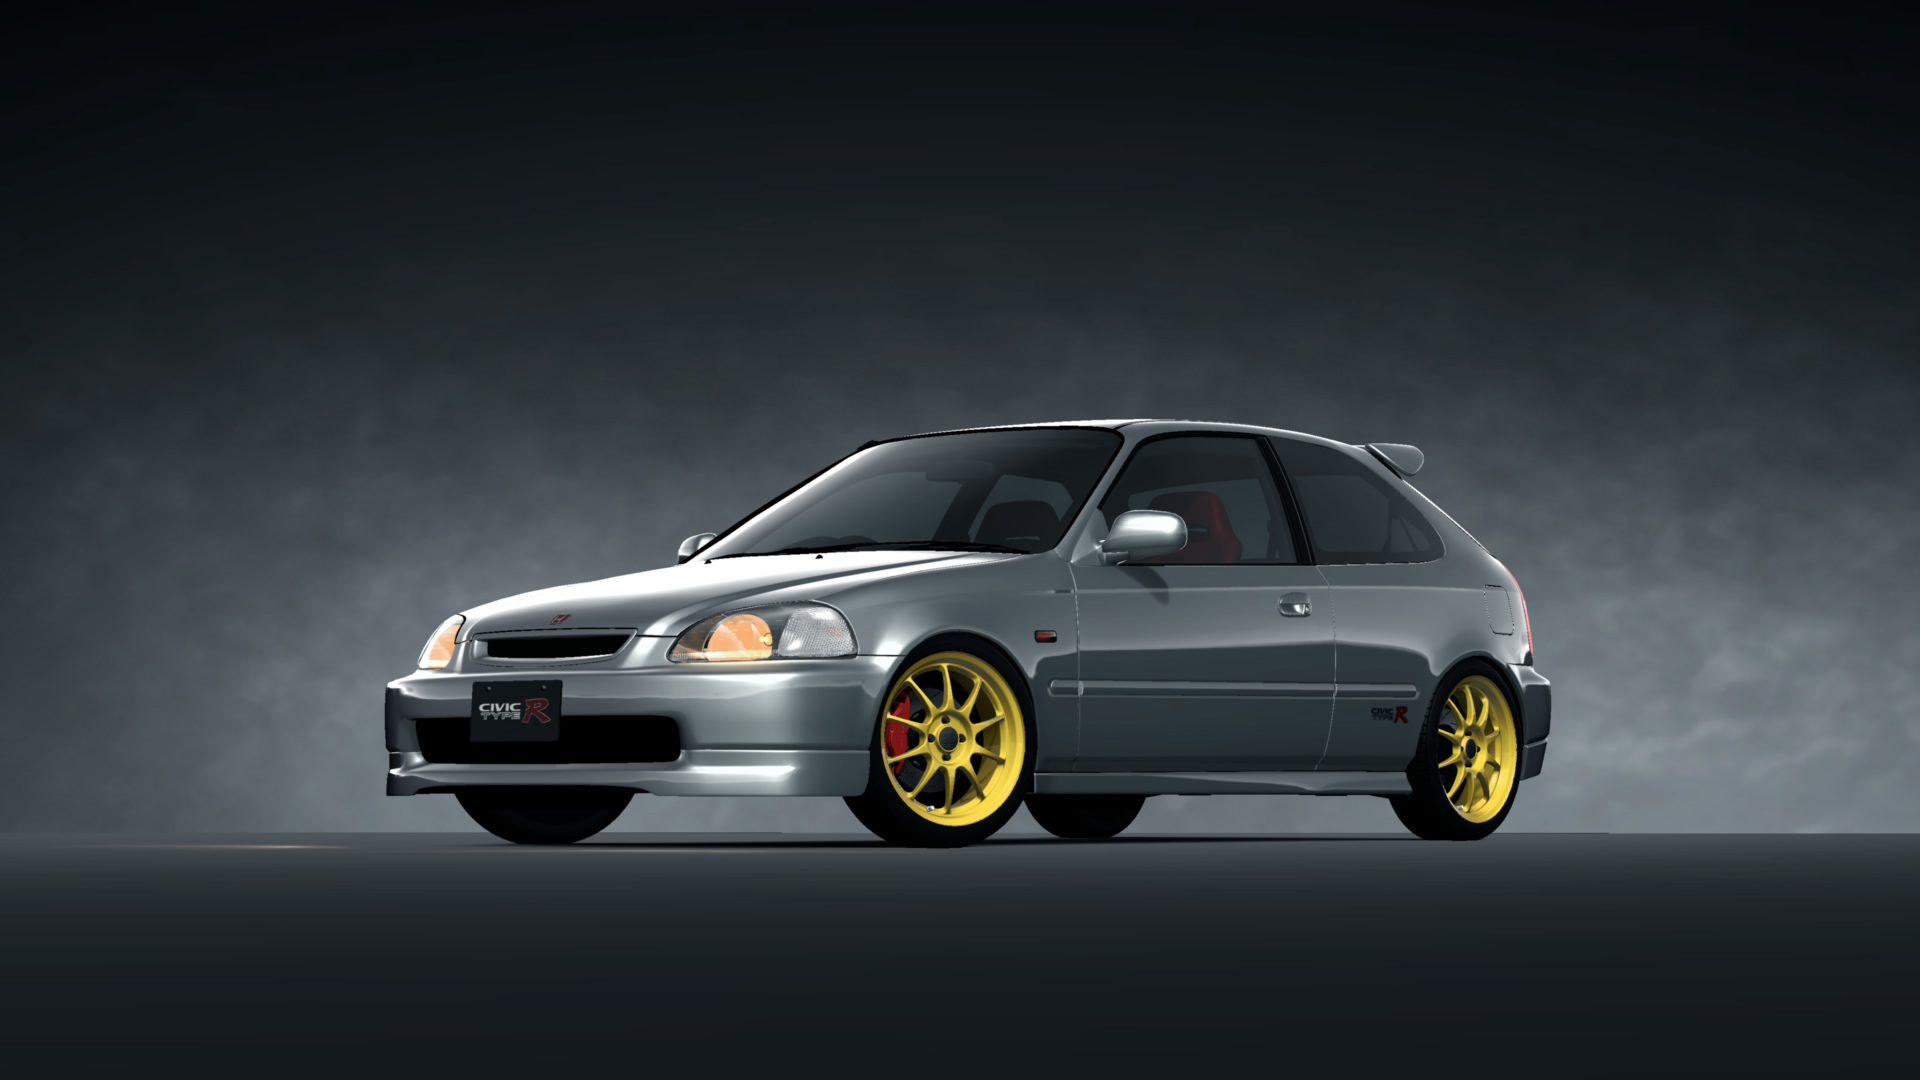 Kelebihan Honda Civic Type R 1997 Spesifikasi